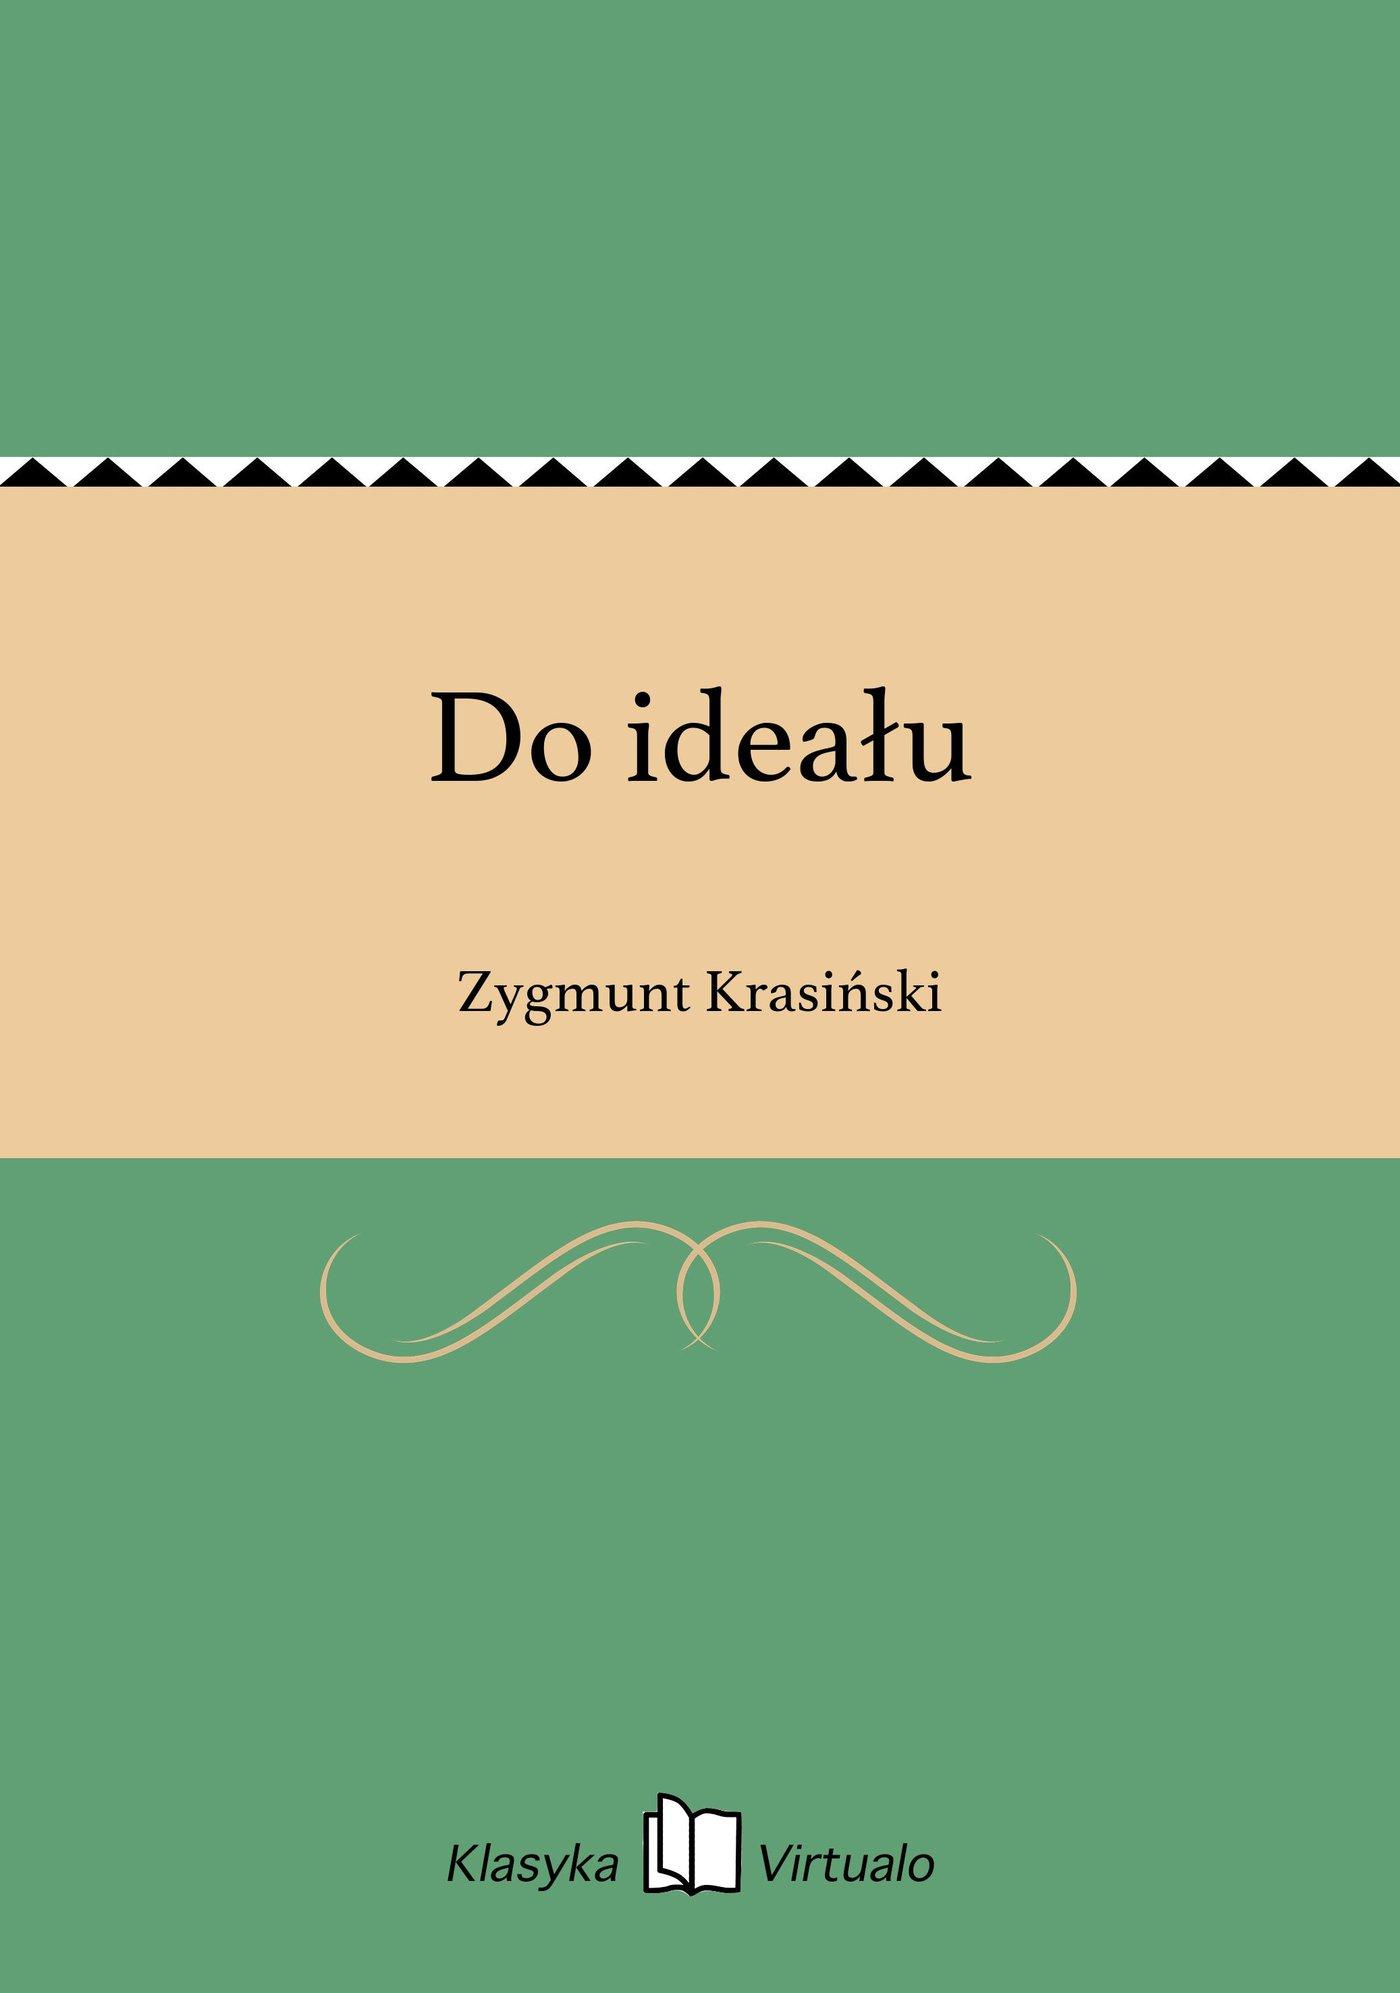 Do ideału - Ebook (Książka EPUB) do pobrania w formacie EPUB